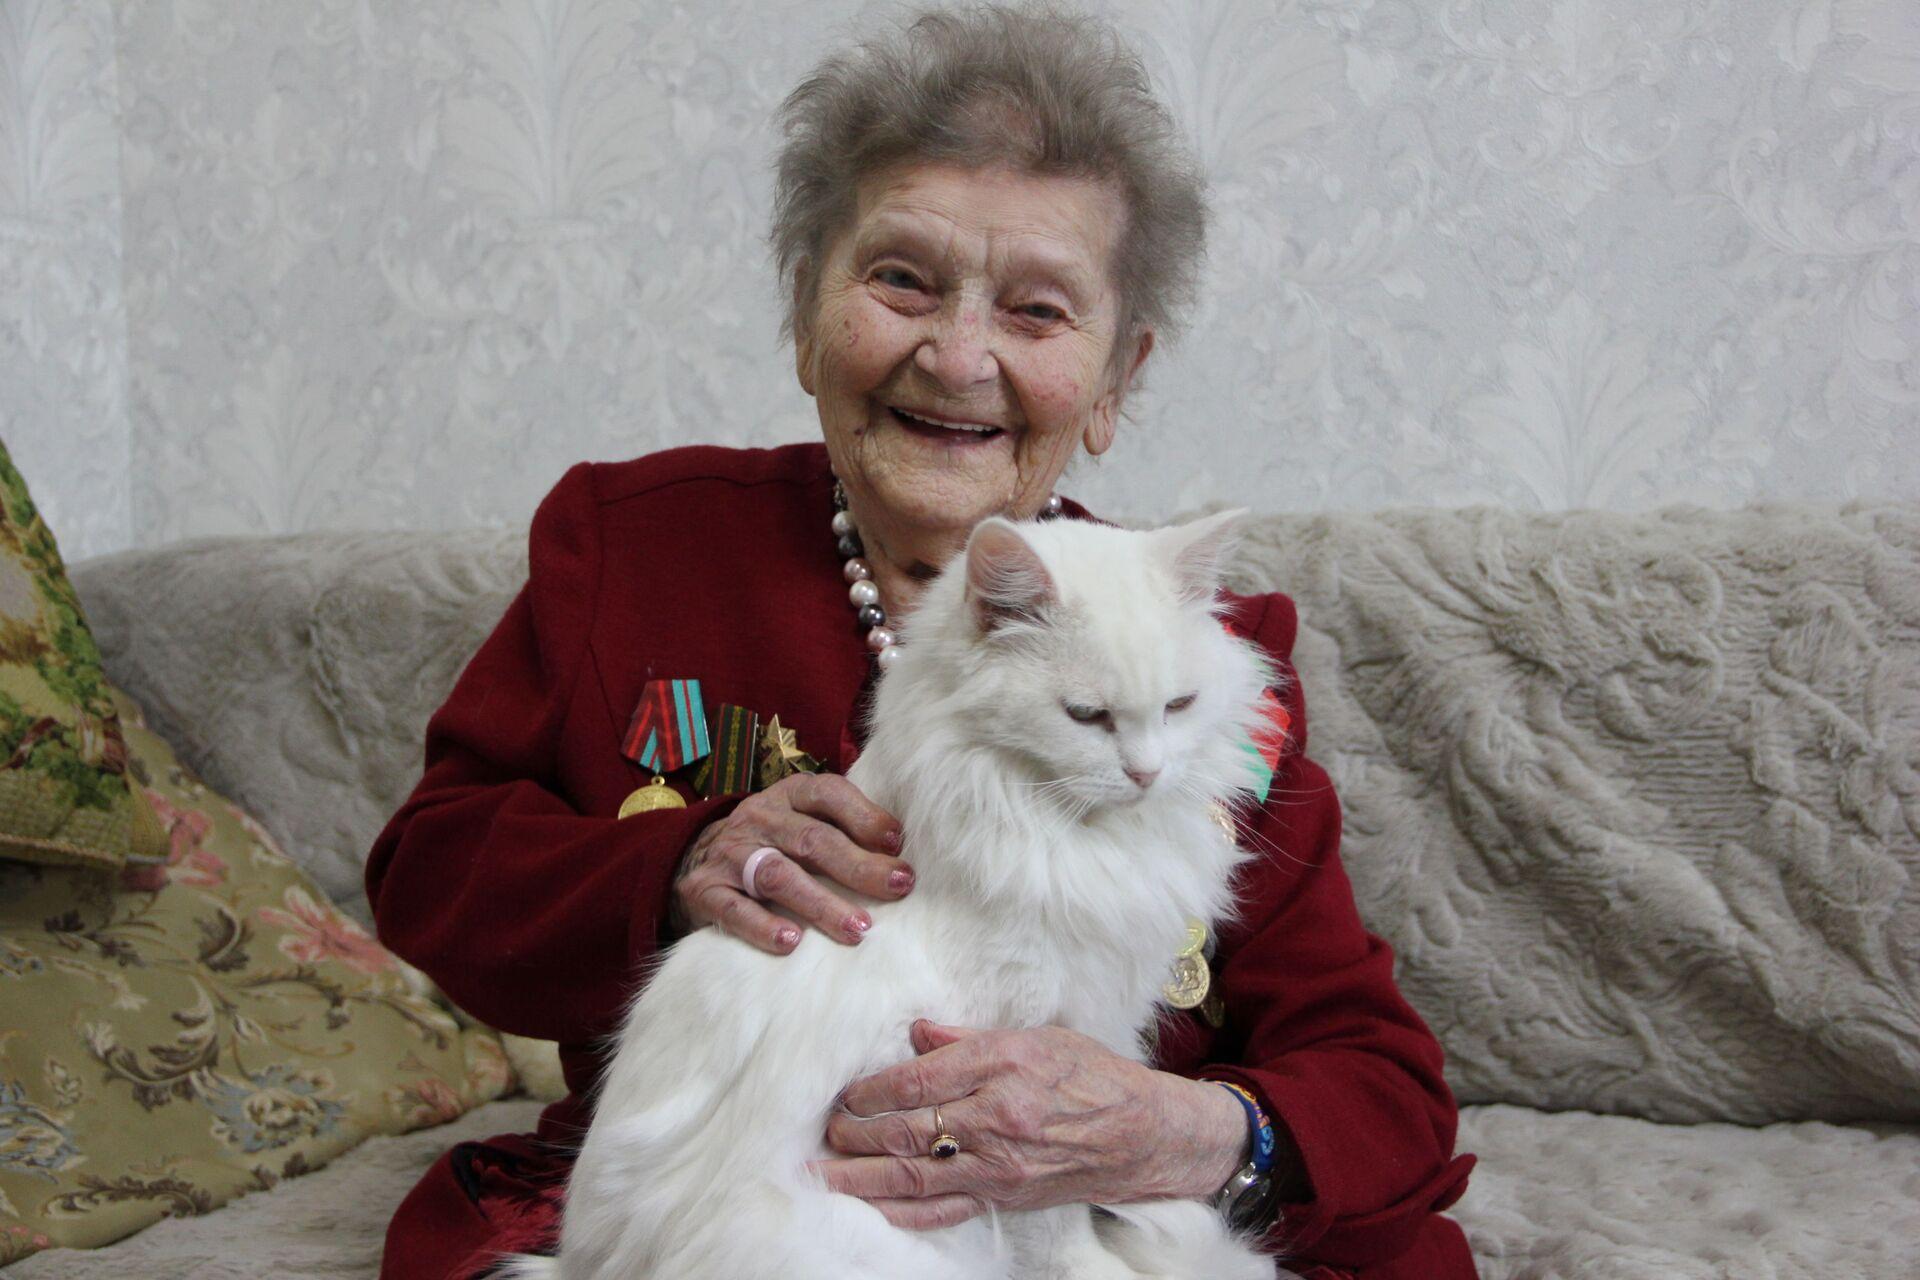 Елизавета Семеновна до сих пор сохраняет задорный блеск в глазах - Sputnik Беларусь, 1920, 29.06.2021